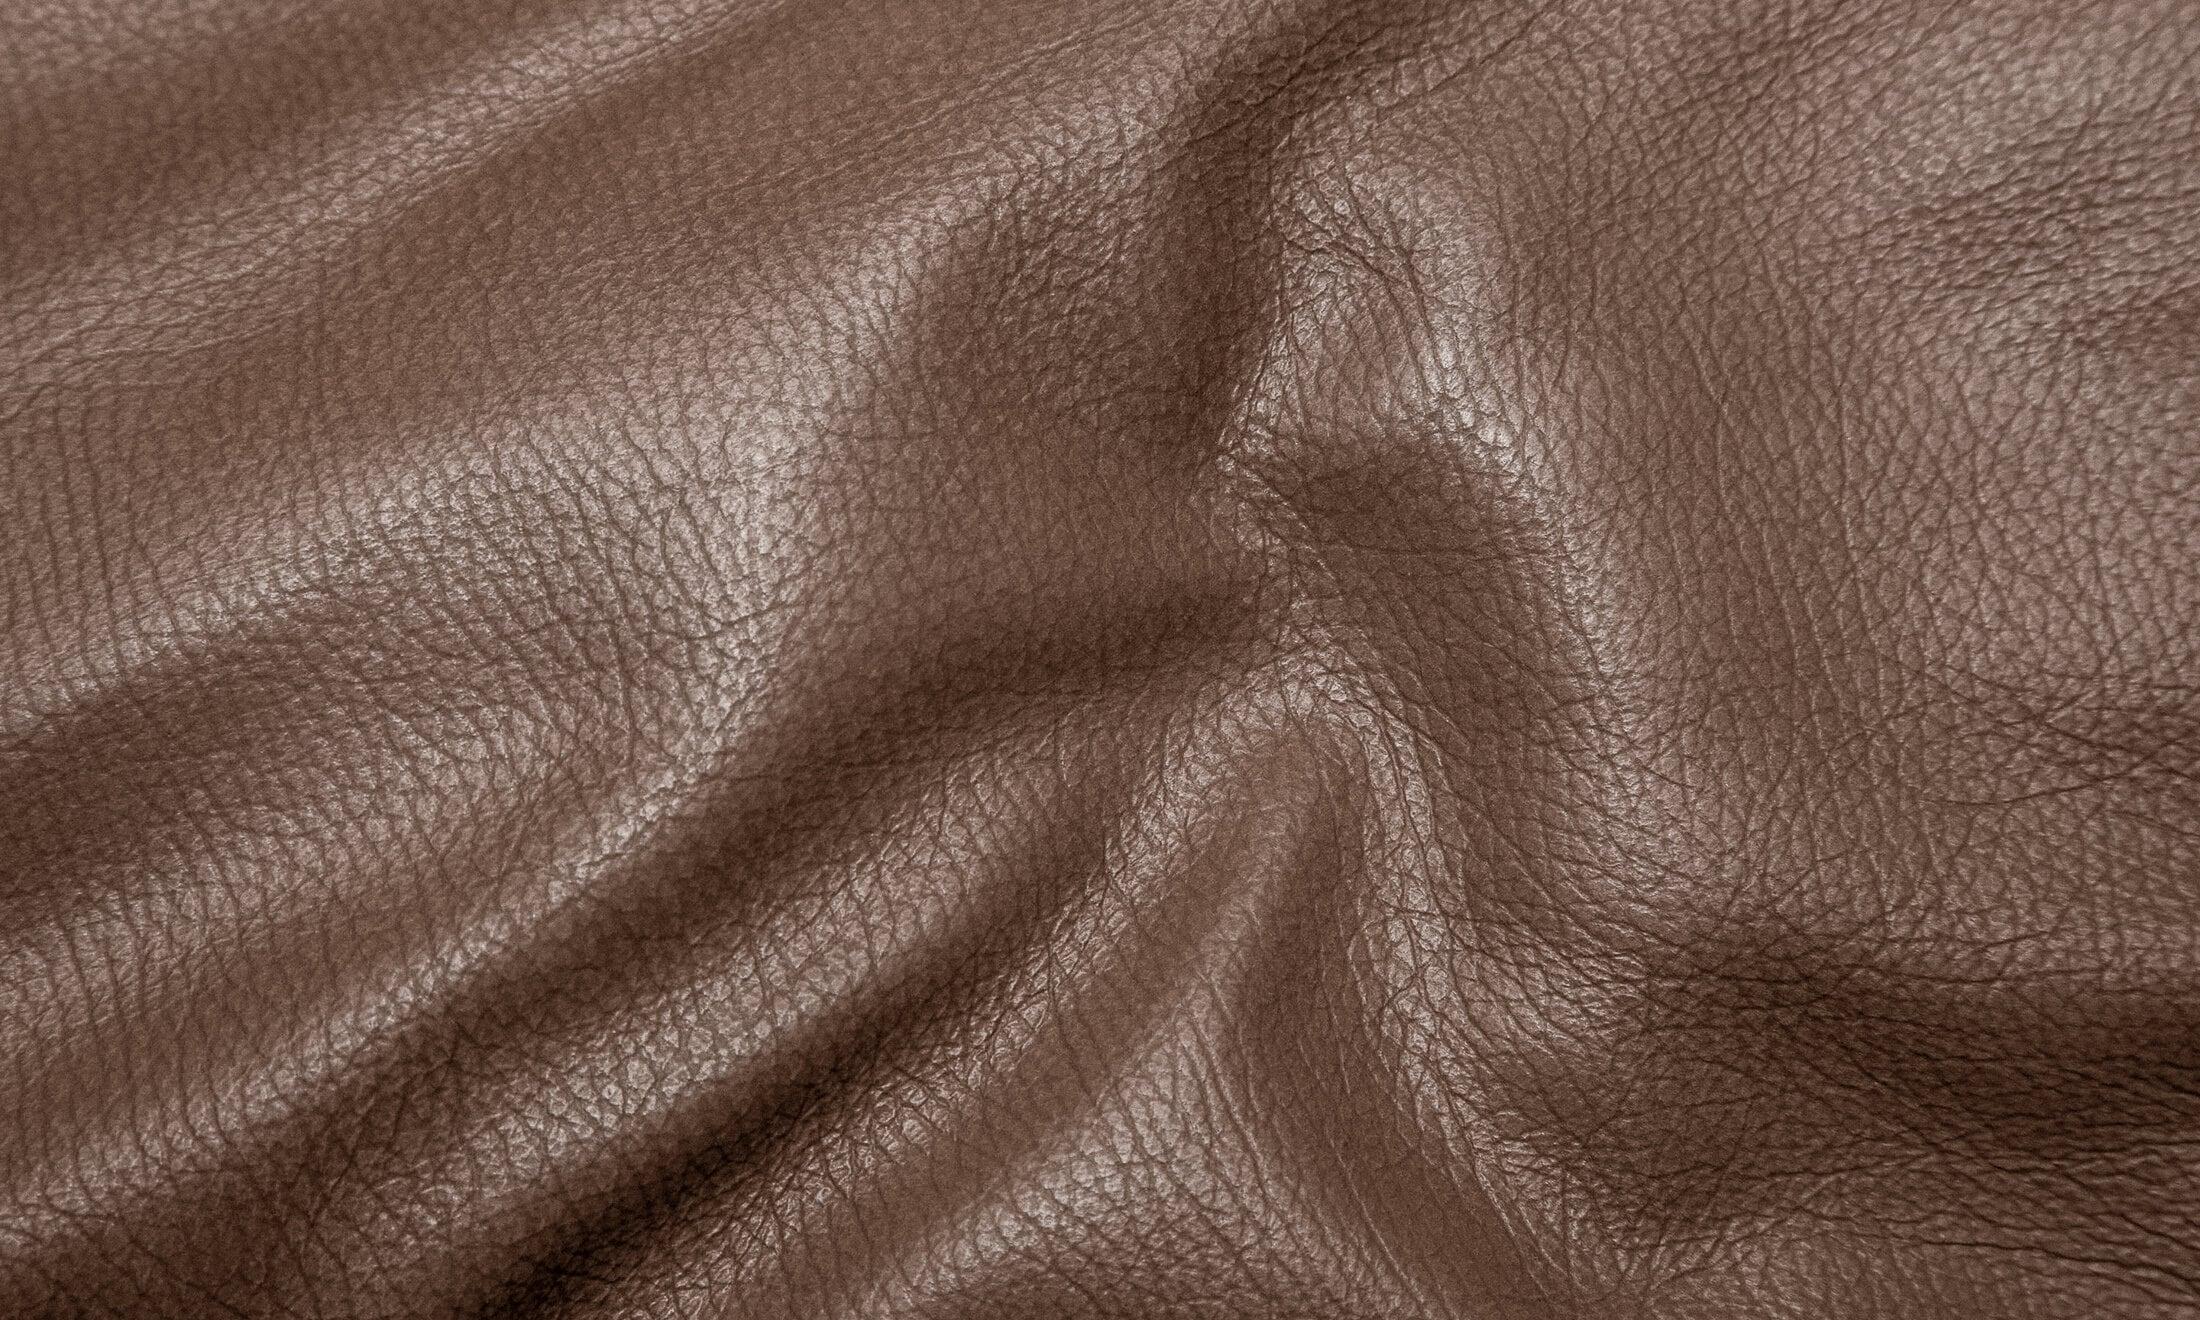 https://www.meindl.se/pub_docs/files/Startsidaförflight/Meindl-lader-textur-bakgrund-leather-texture.jpg